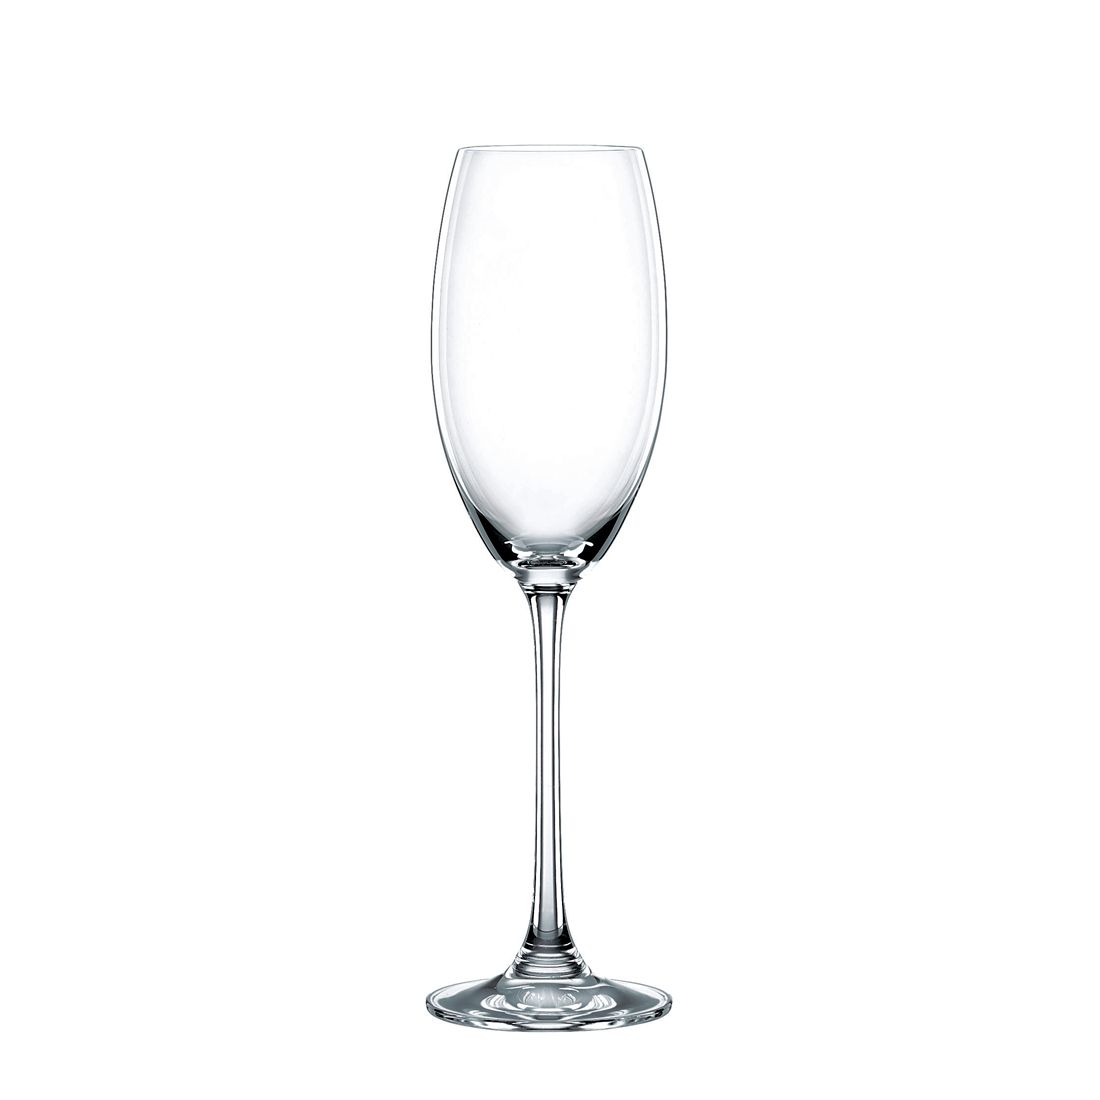 Vivendi Champagnerkelch (4er-Set), Nachtmann günstig kaufen